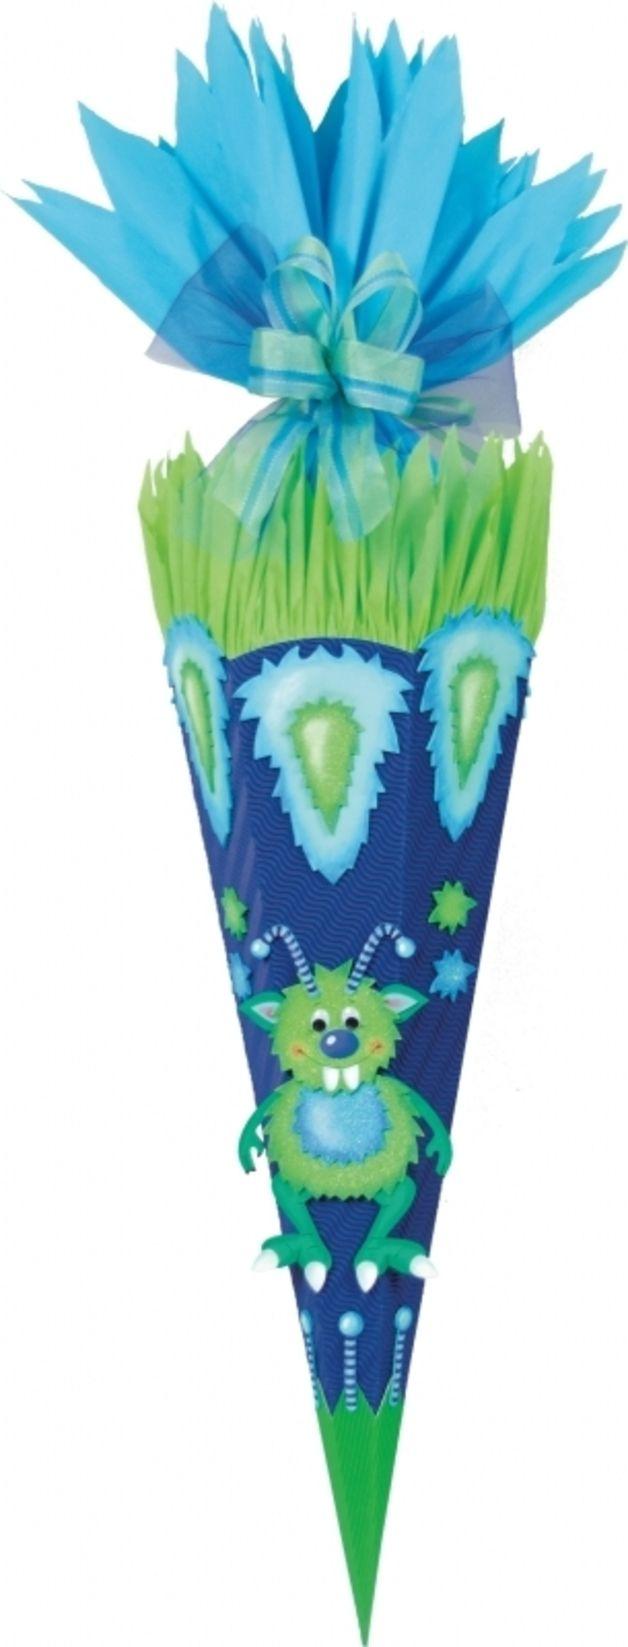 Schultüten - Handgefertigte Schultüte * Monster Zac * - ein Designerstück von bastelstuebel2011 bei DaWanda